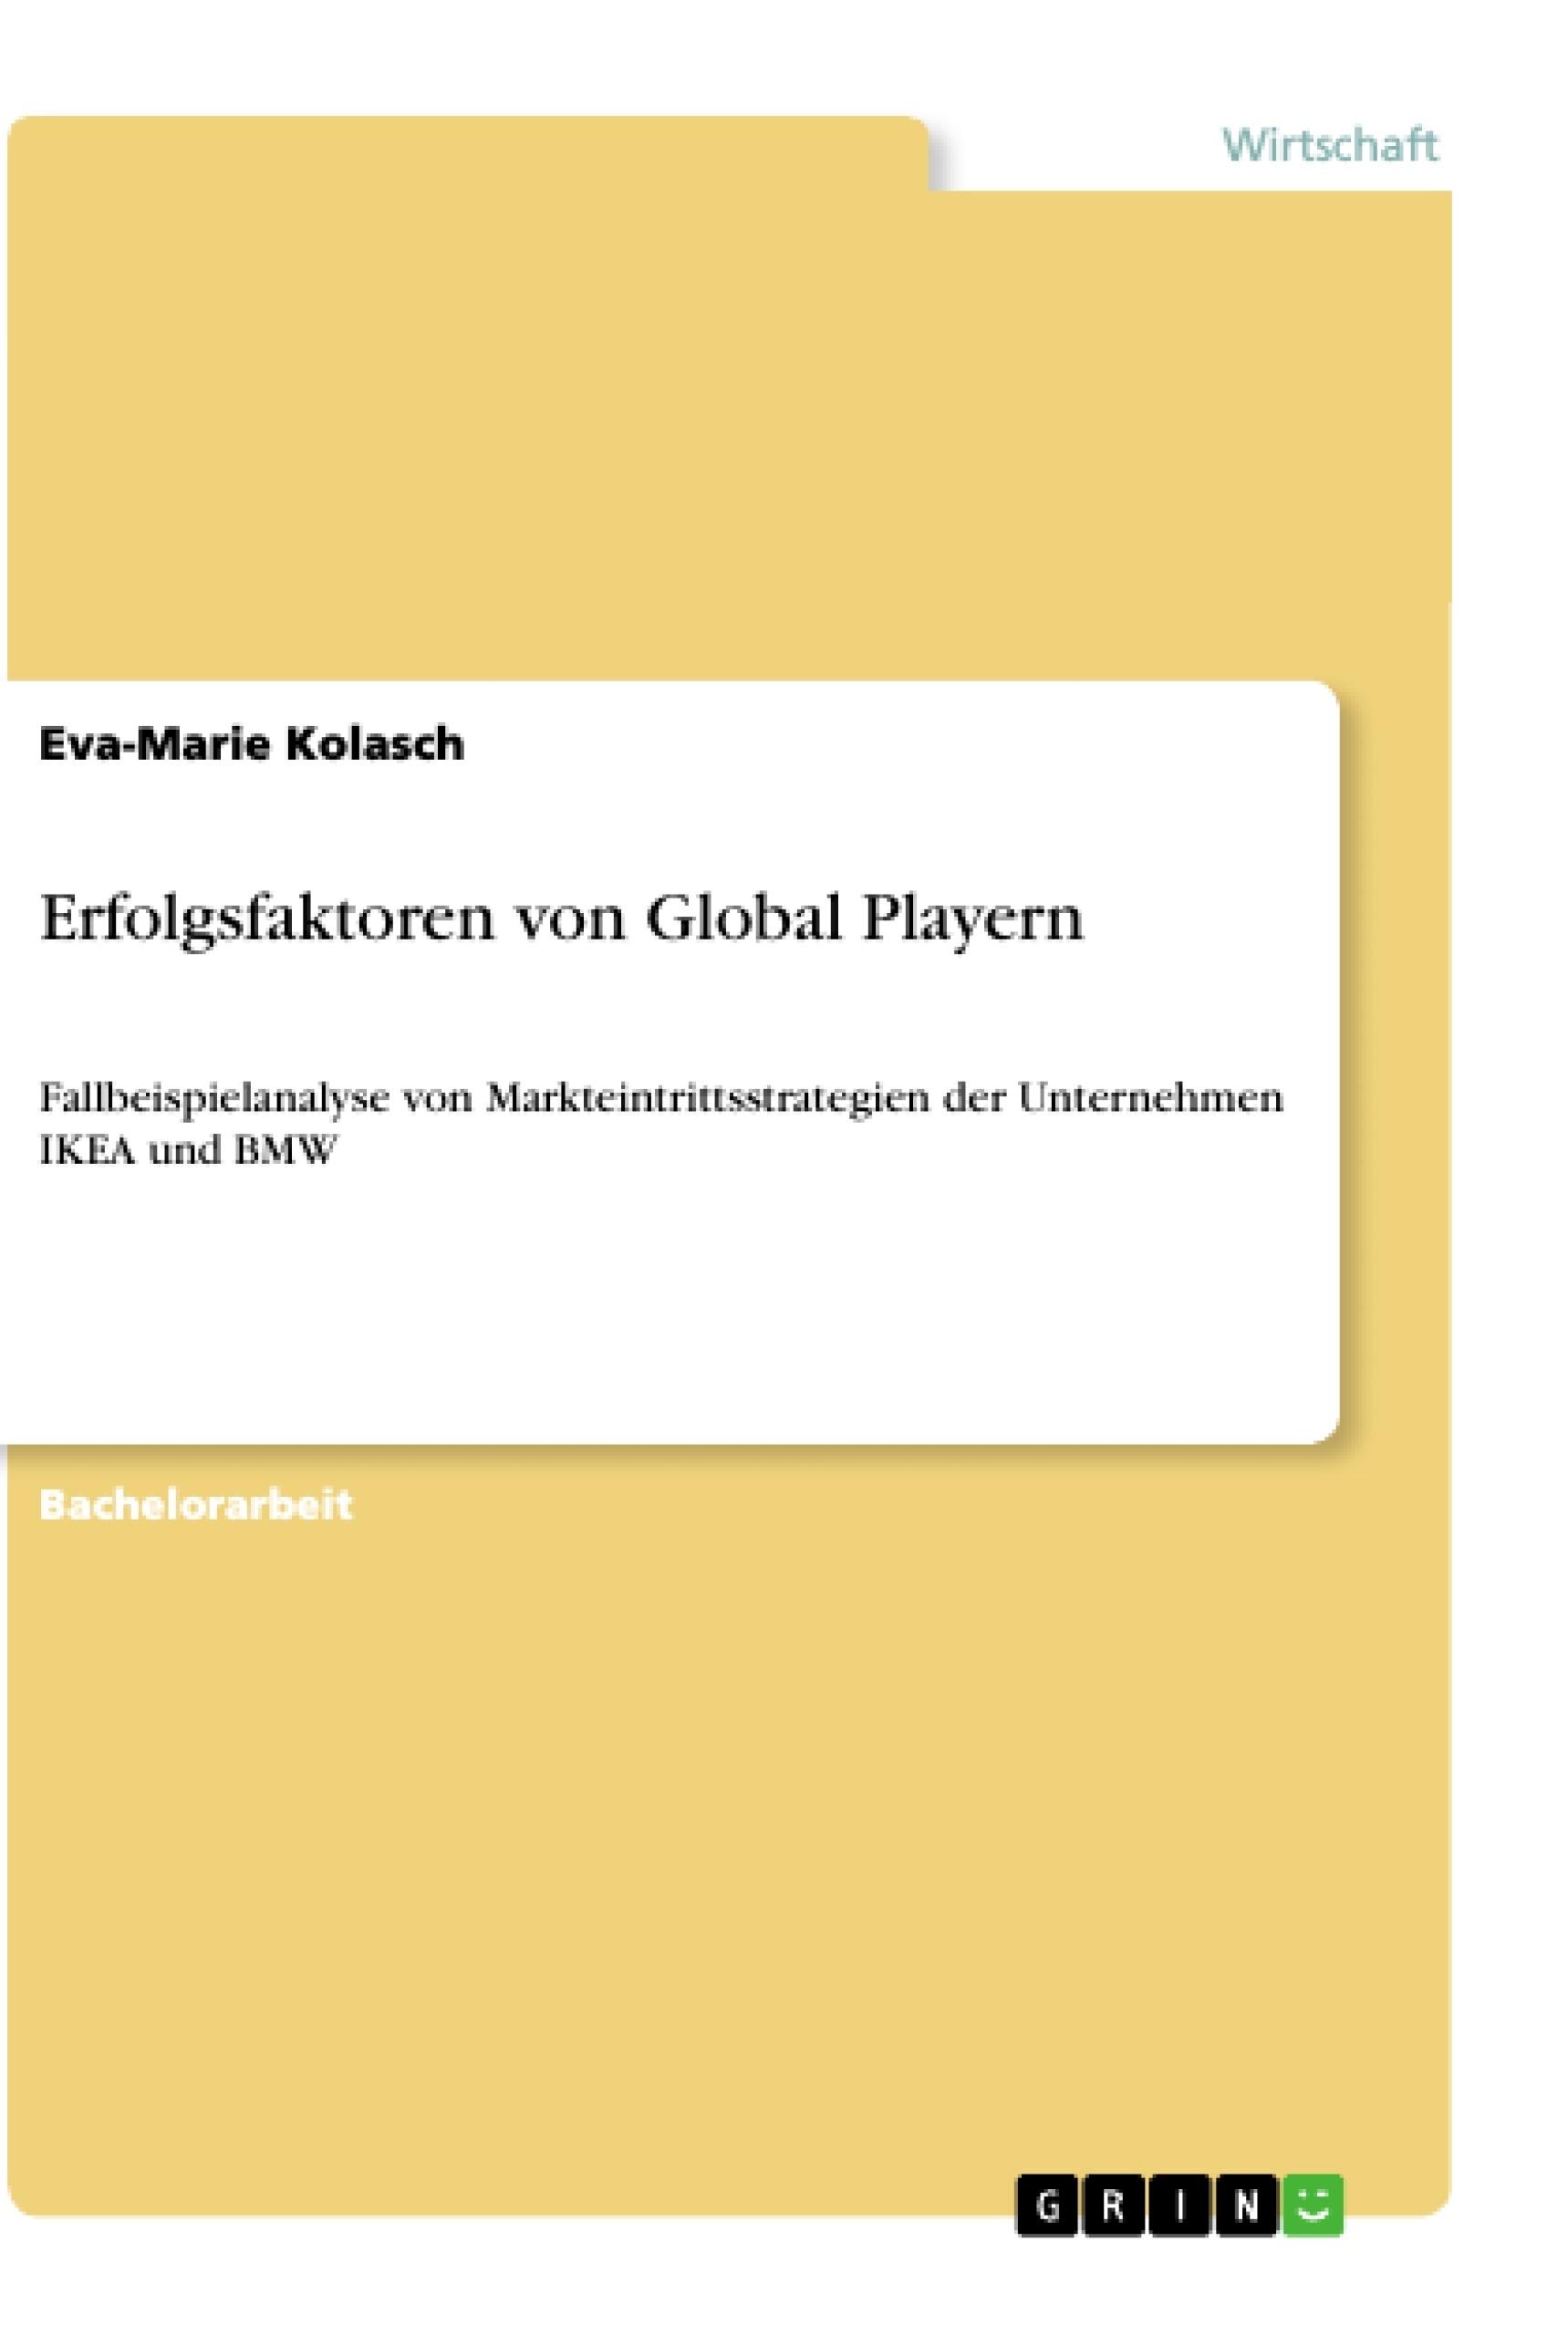 Titel: Erfolgsfaktoren von Global Playern